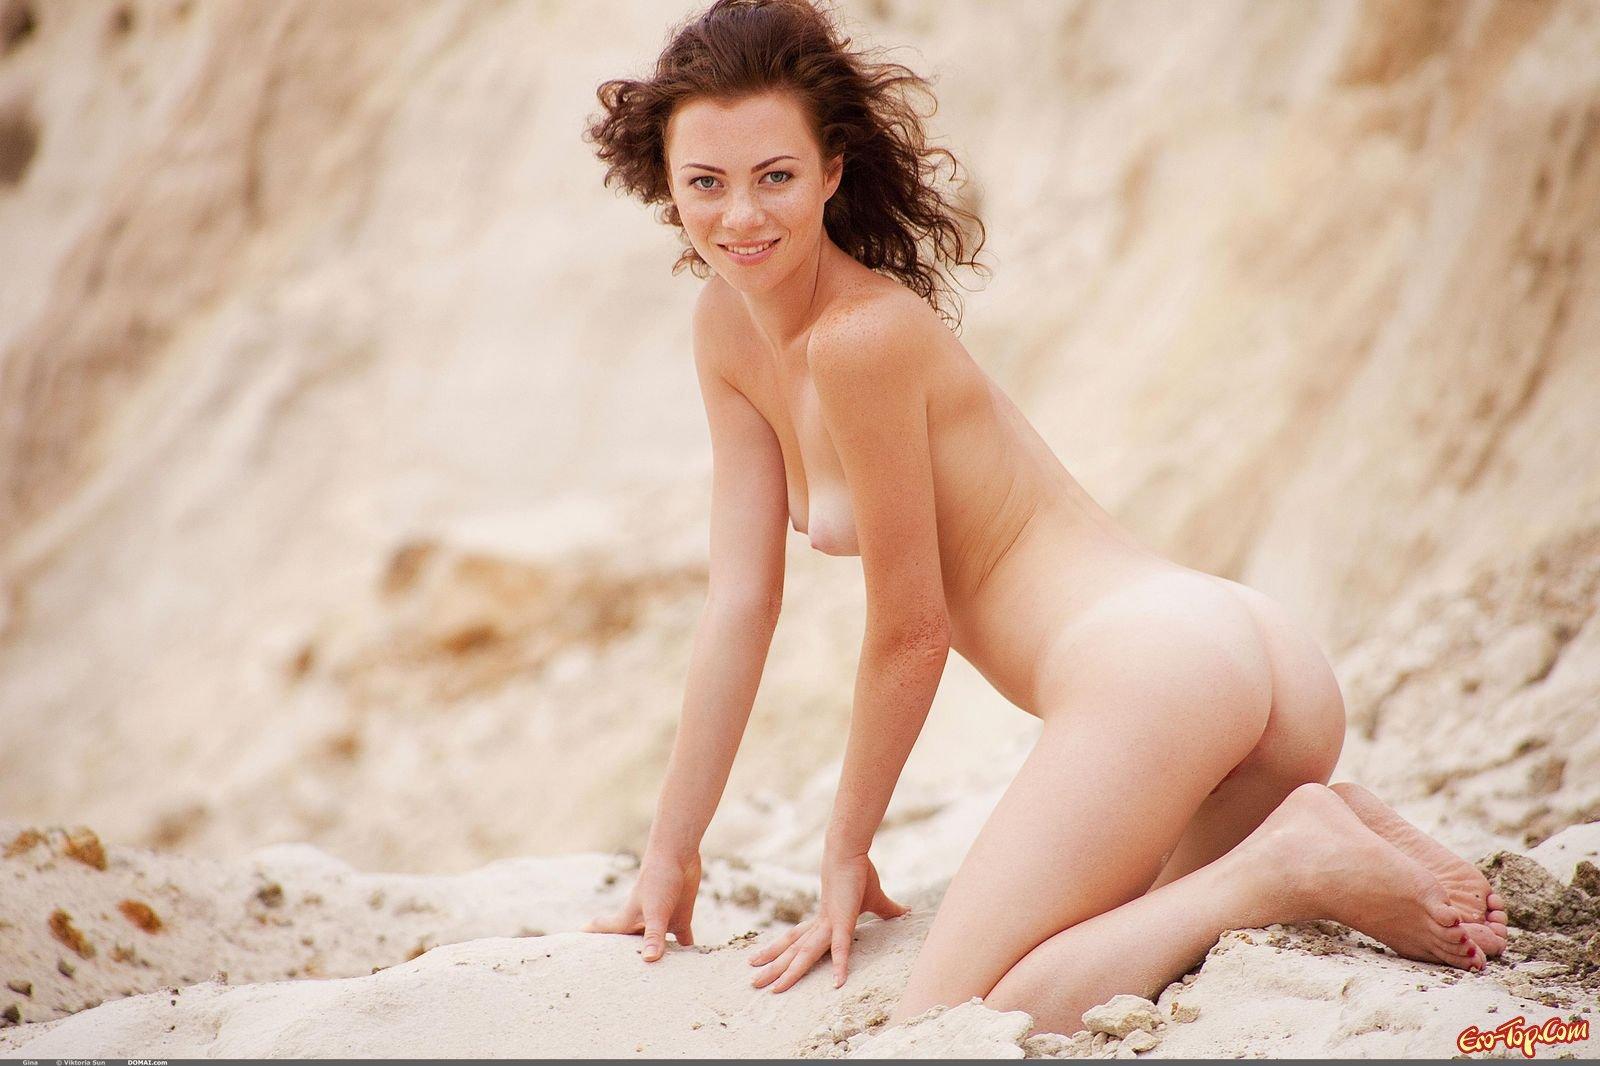 Нагая девушка на песке